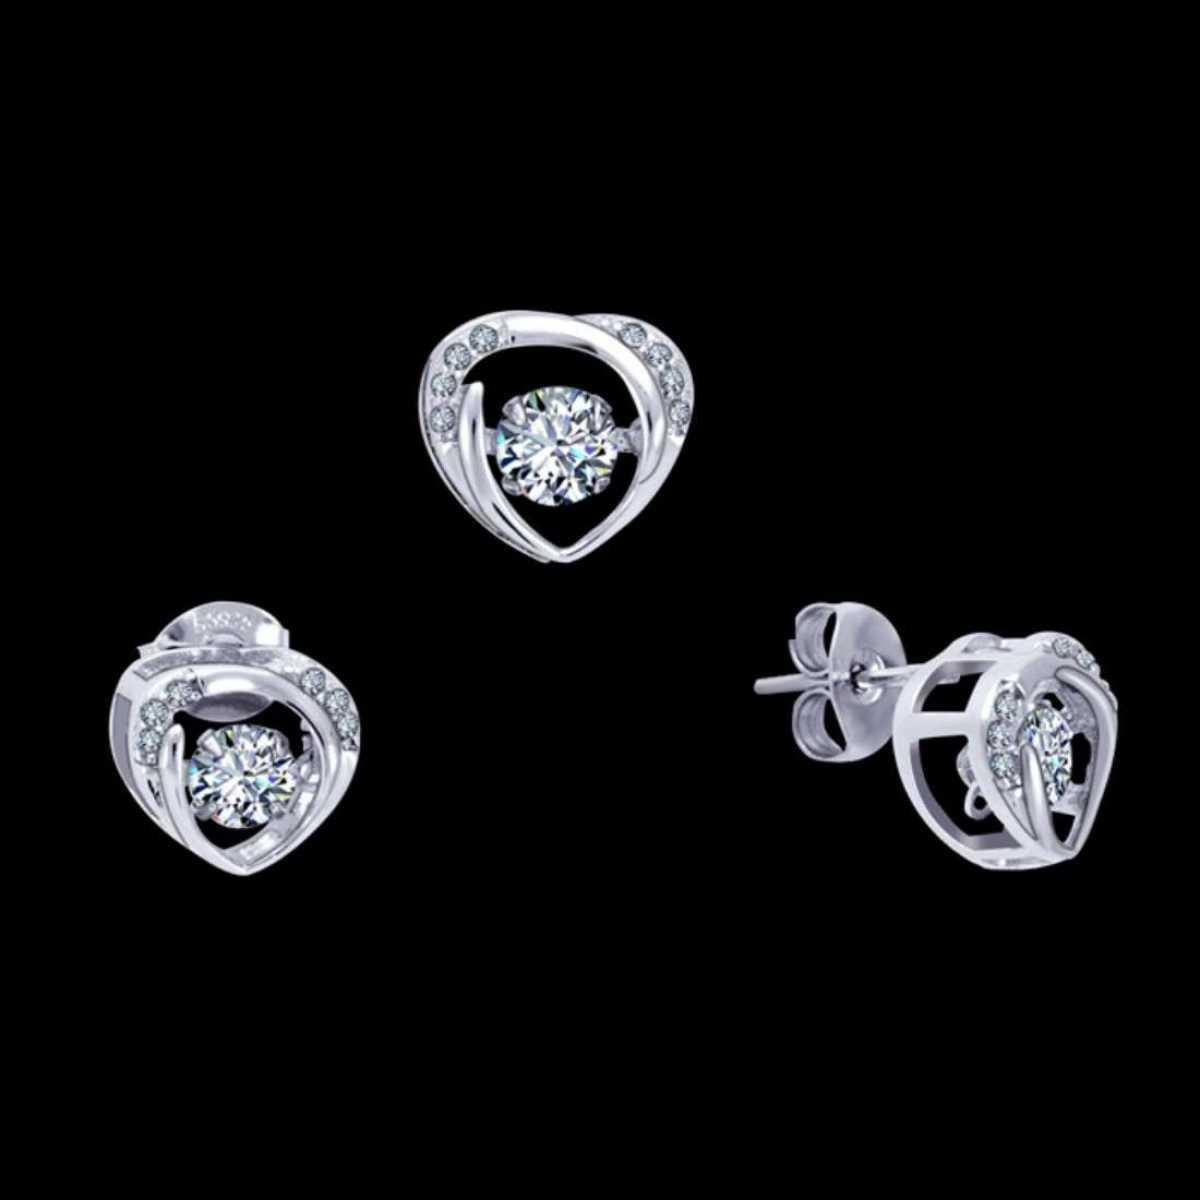 Sweet Heart Sterling Silver Pendant